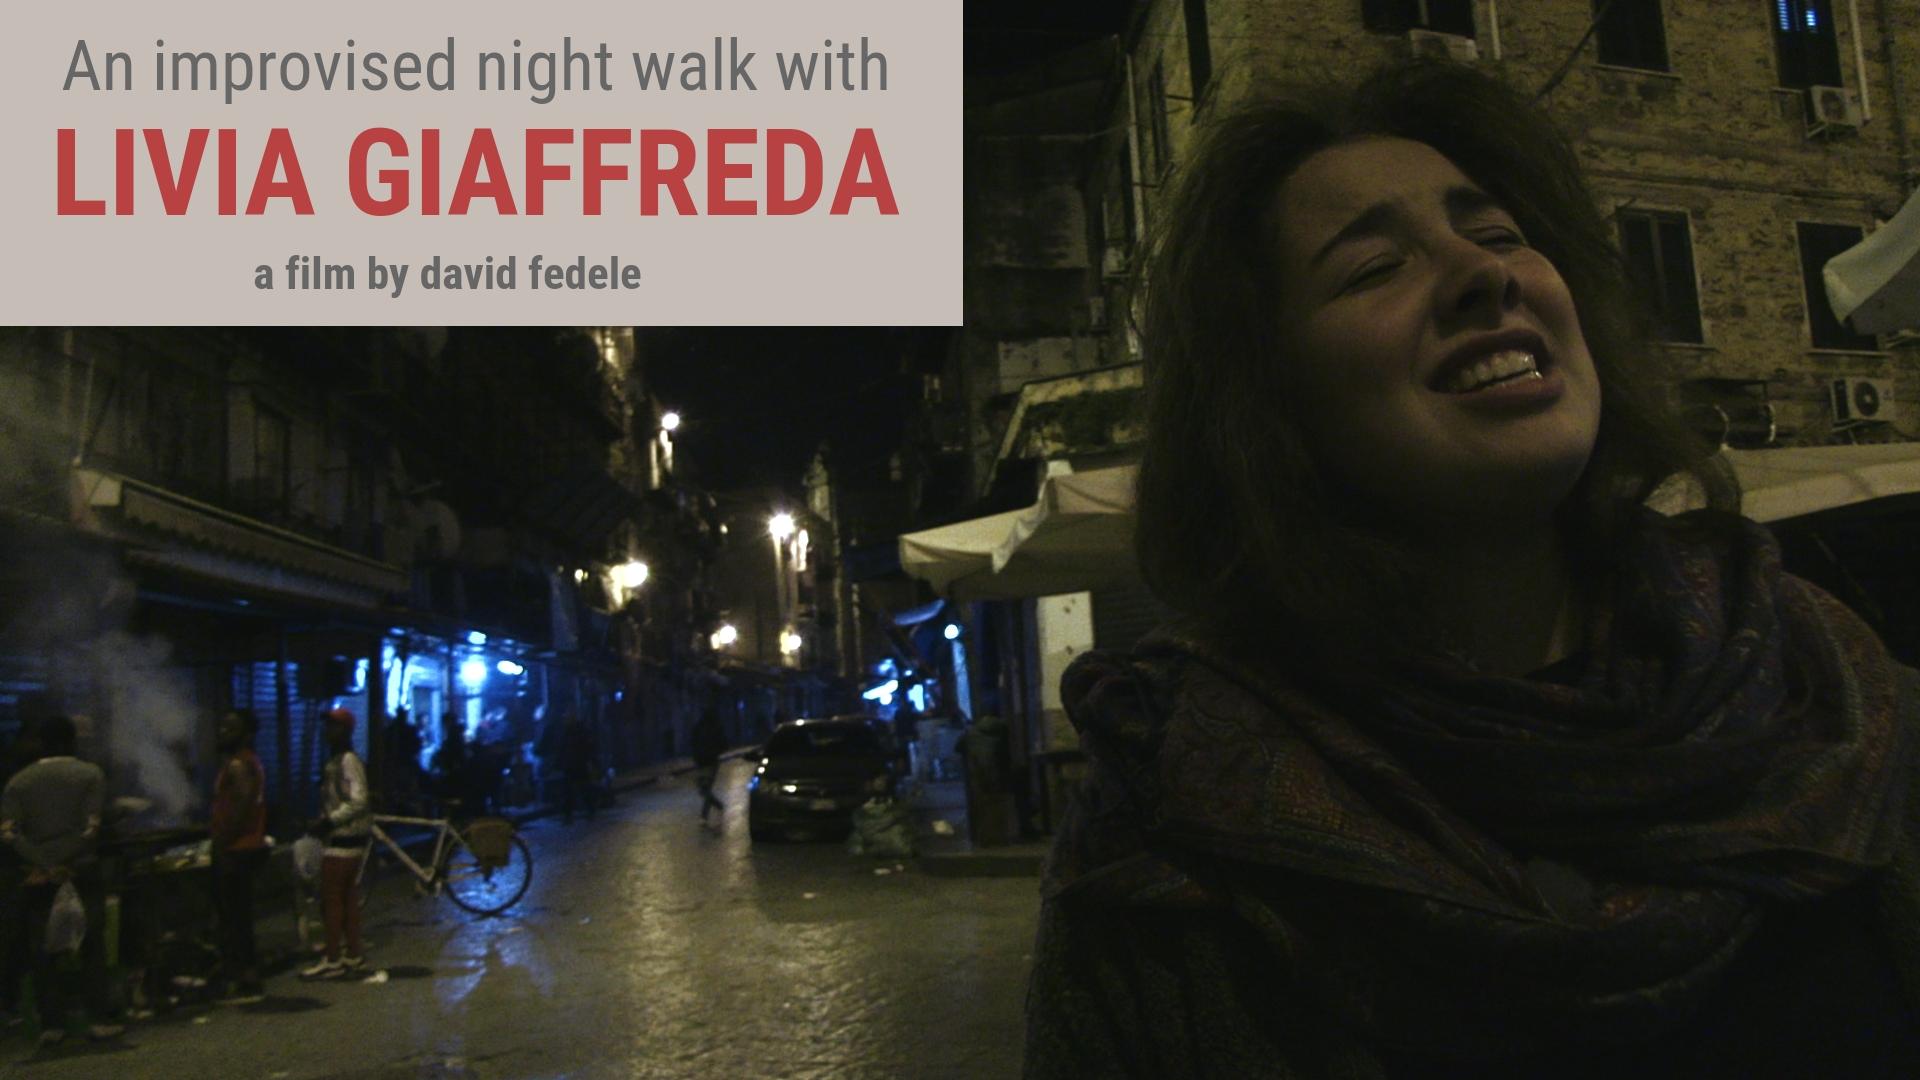 LIVIA GIAFFREDA (4)